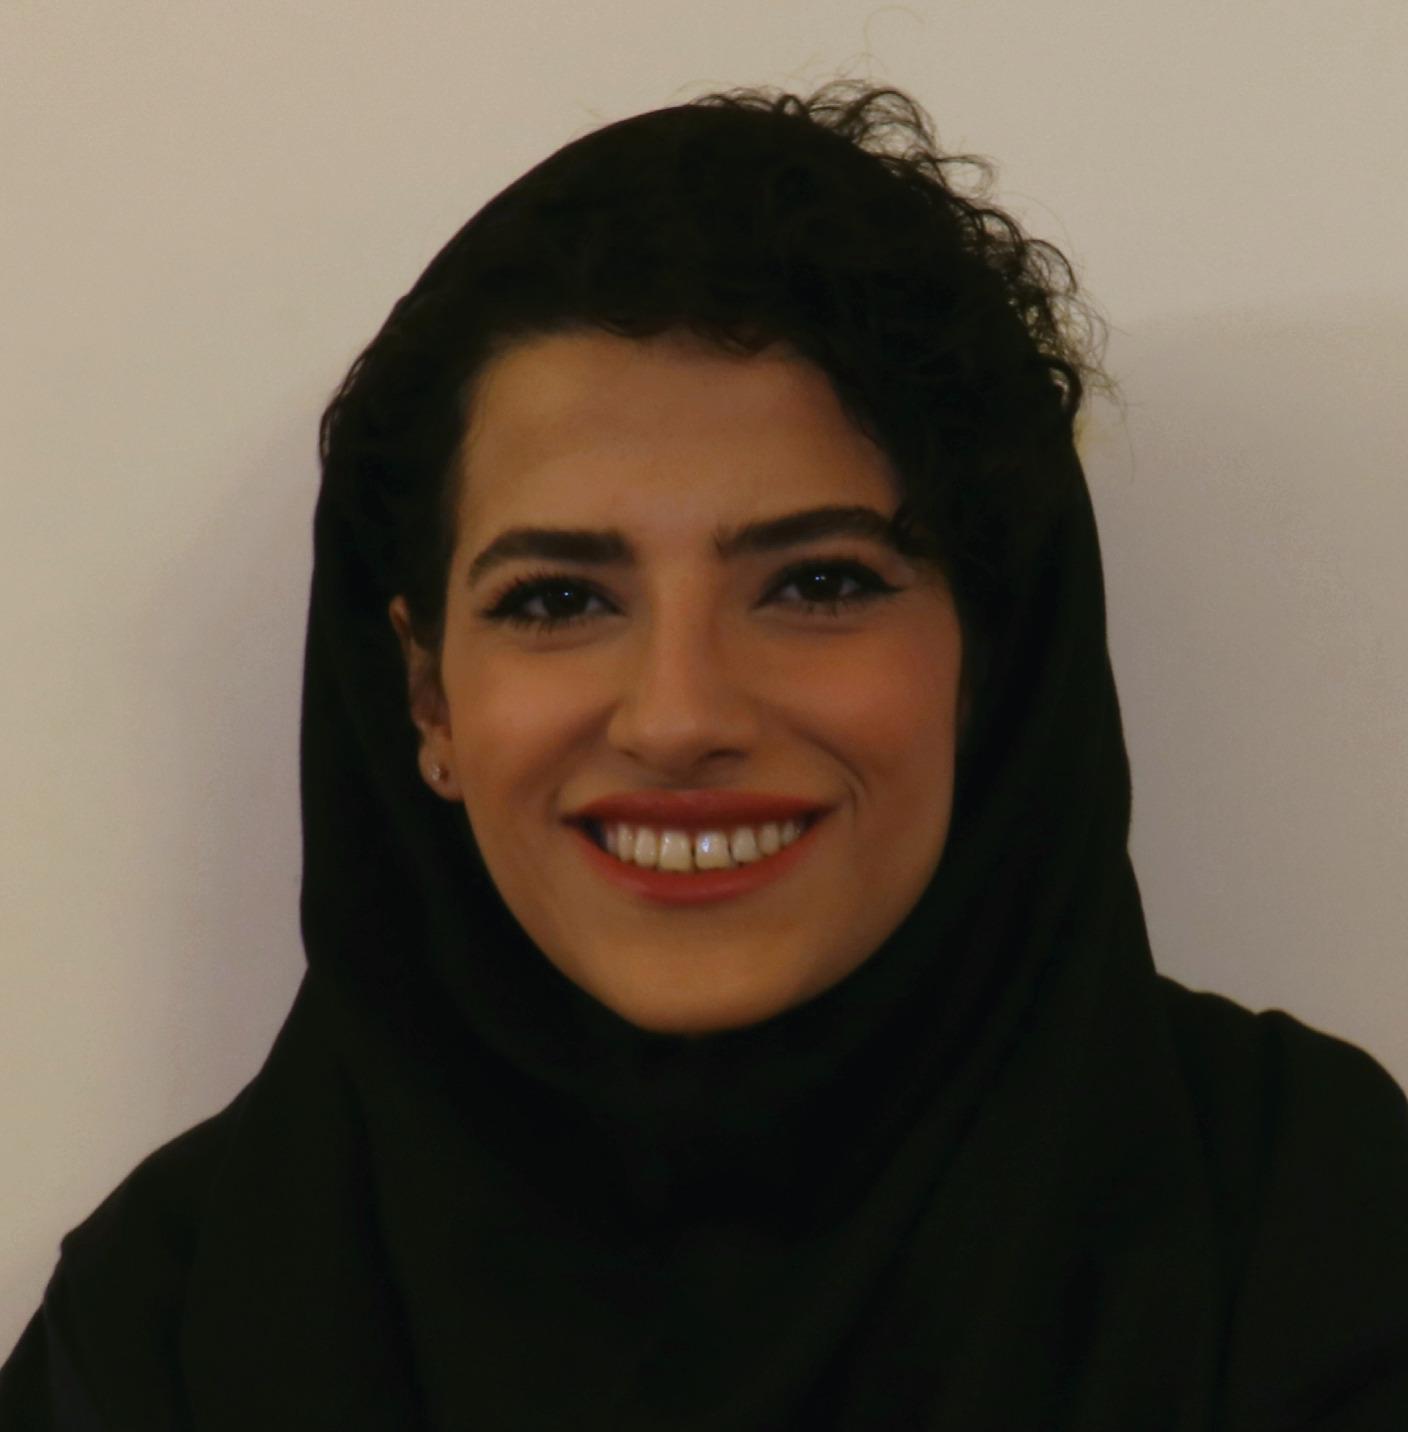 غزل بهمن پور